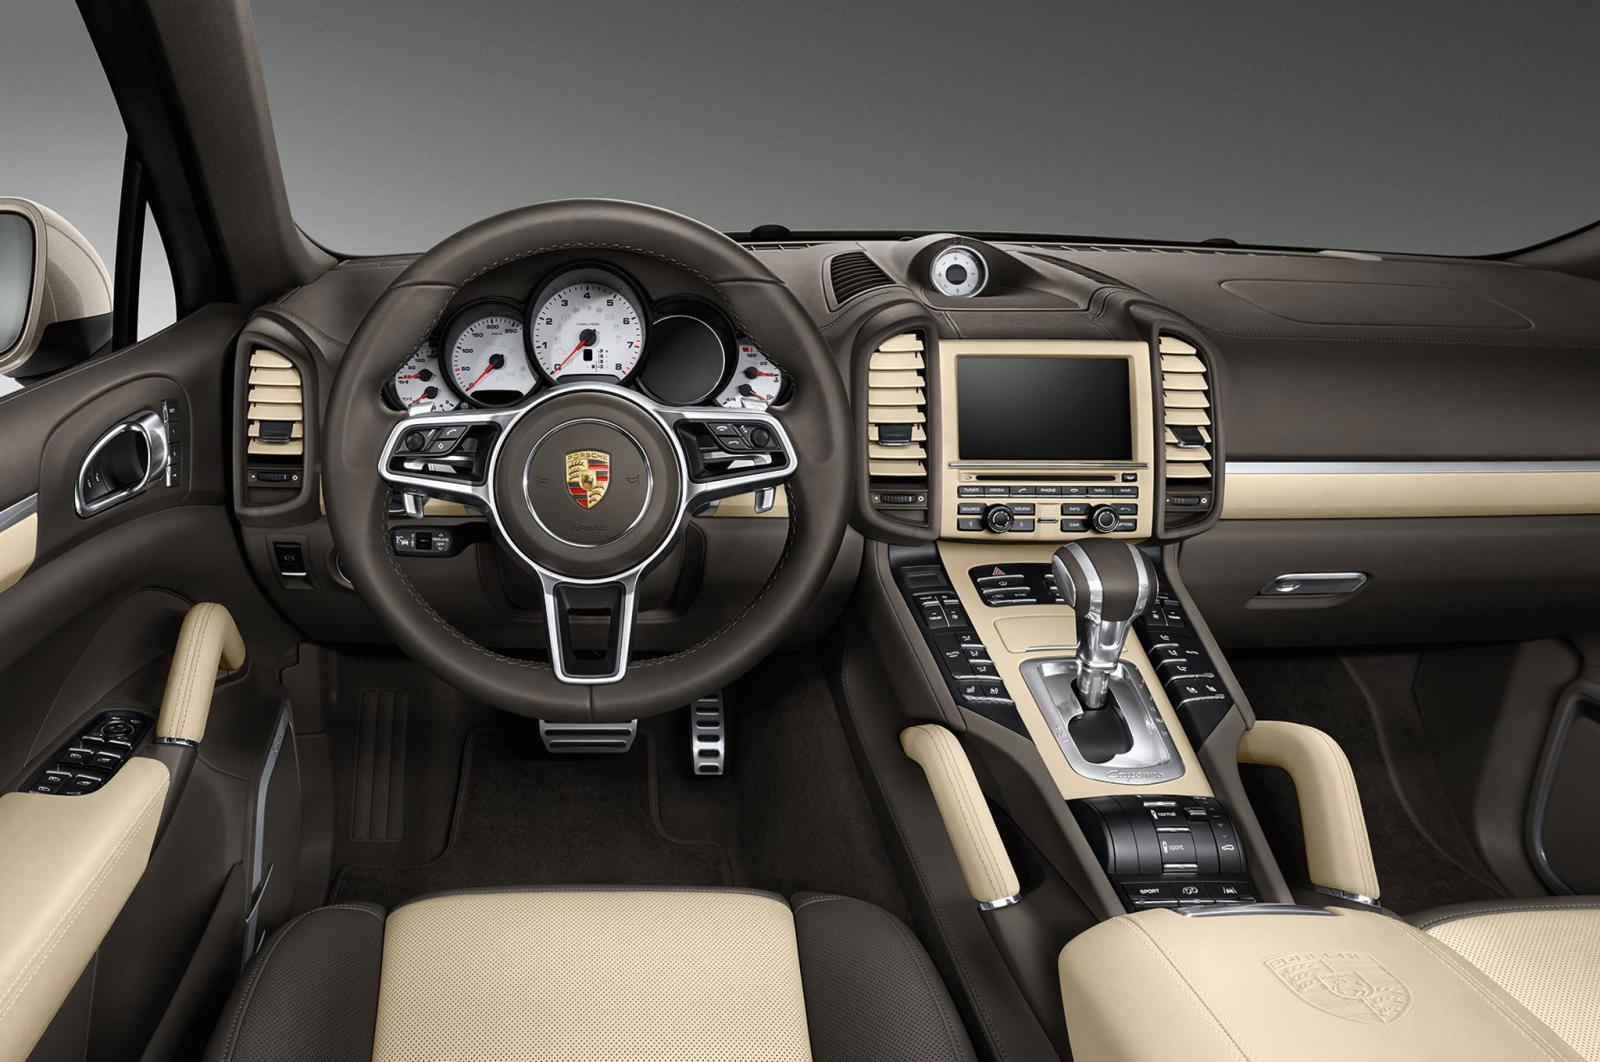 800 1024 1280 1600 origin 2015 porsche - Porsche 2015 Interior